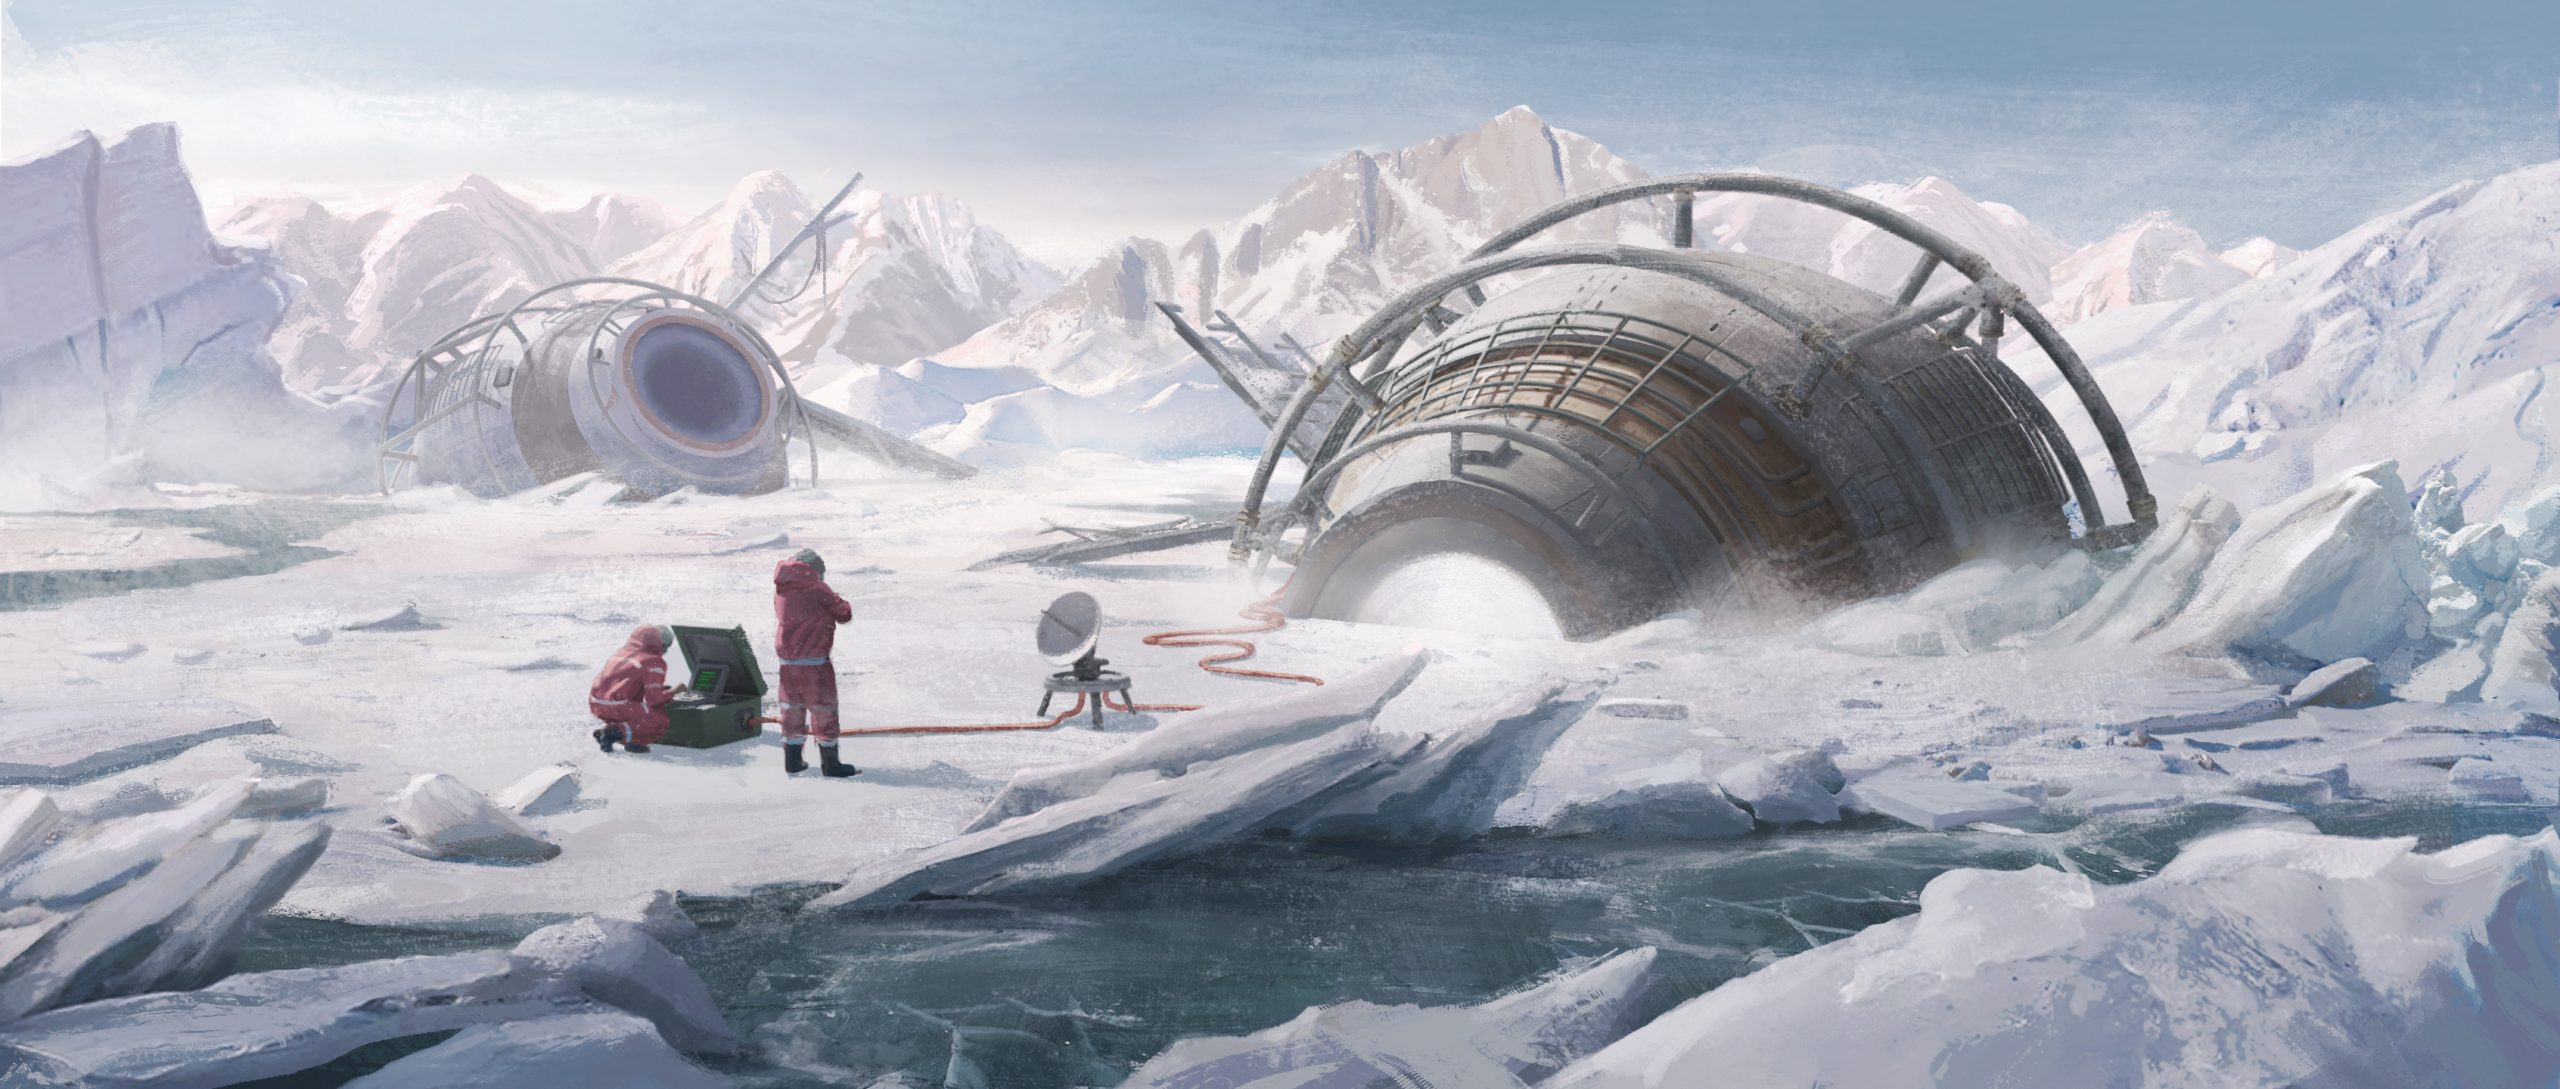 Arctic Expedition by Jiho Jang